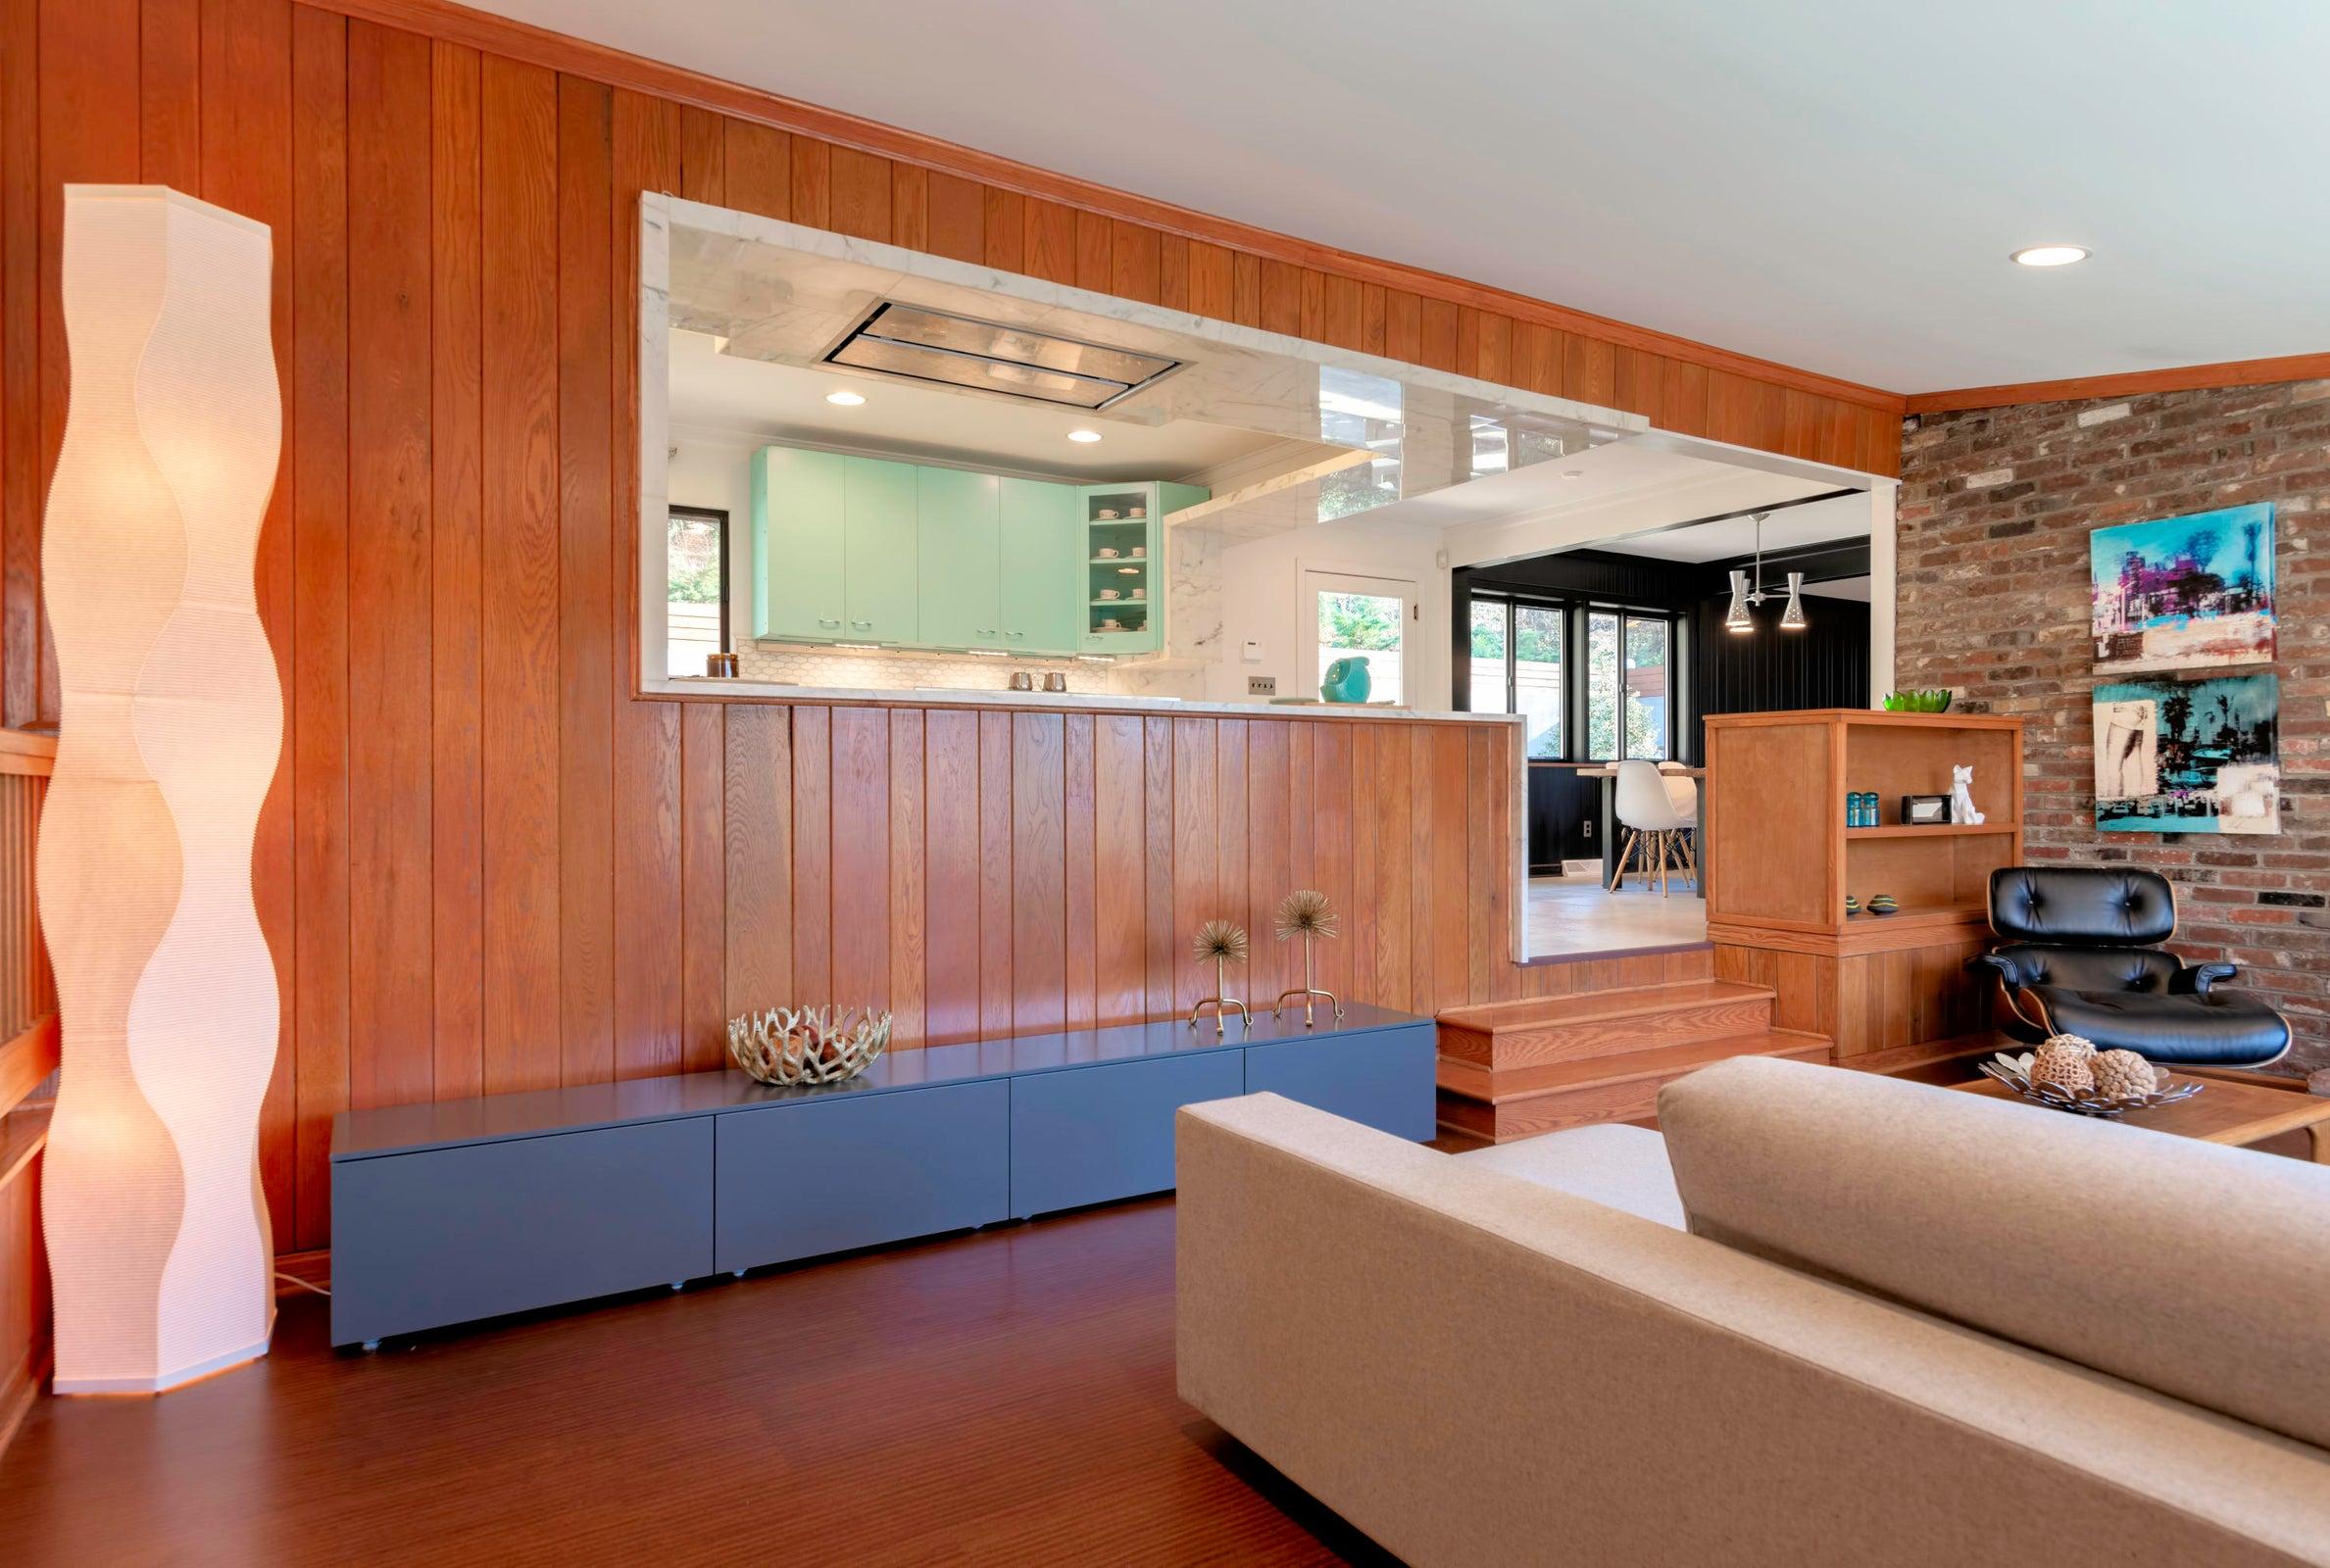 DSC_1974 - Living Room